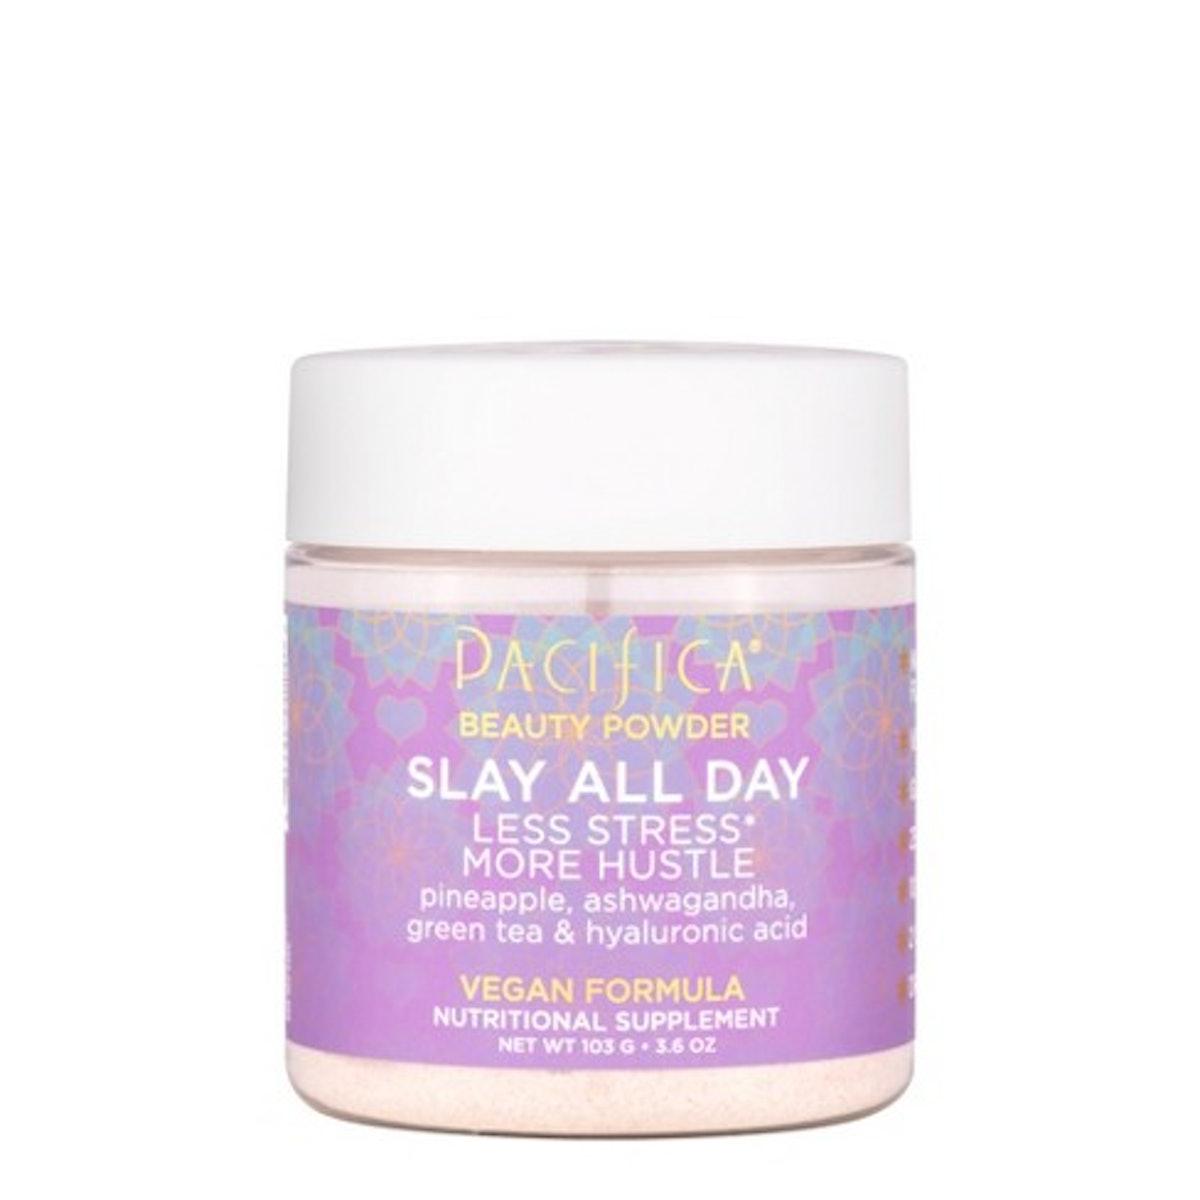 Slay All Day Beauty Powder